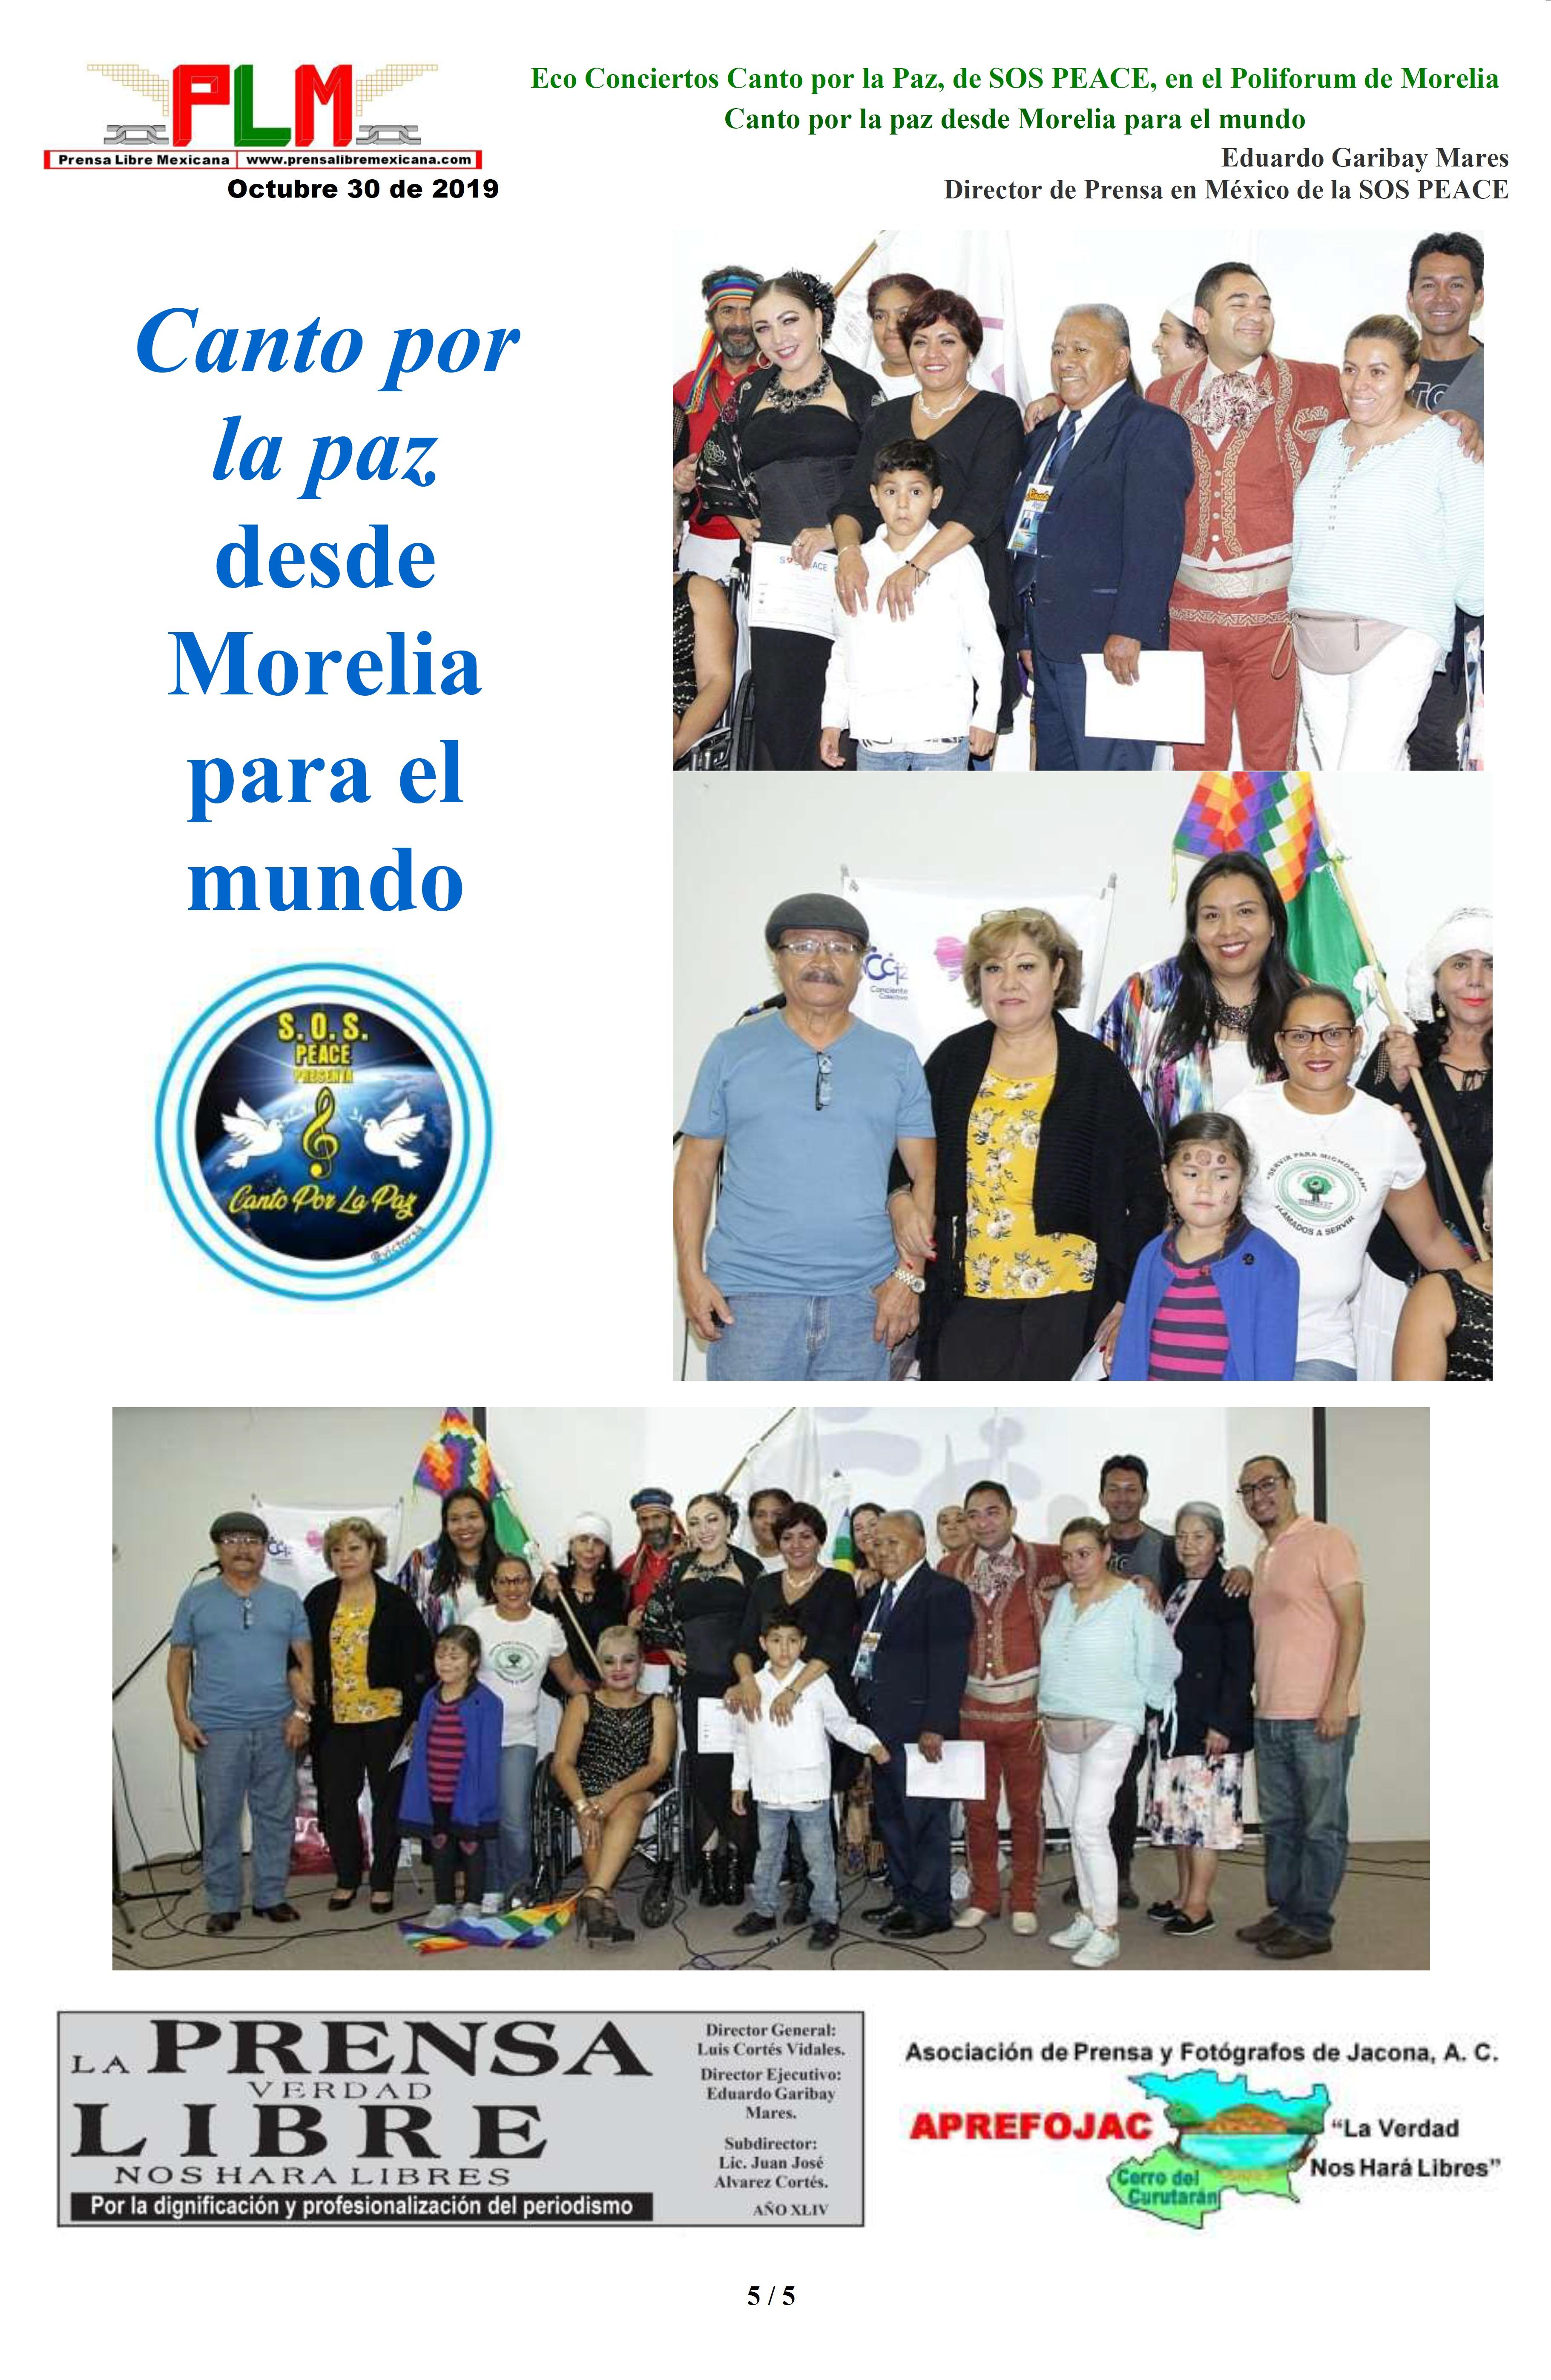 Eco Conciertos Canto por la Paz, de SOS PEACE, en el Poliforum de Morelia. Eduardo Garibay Mares. PAGINA 5